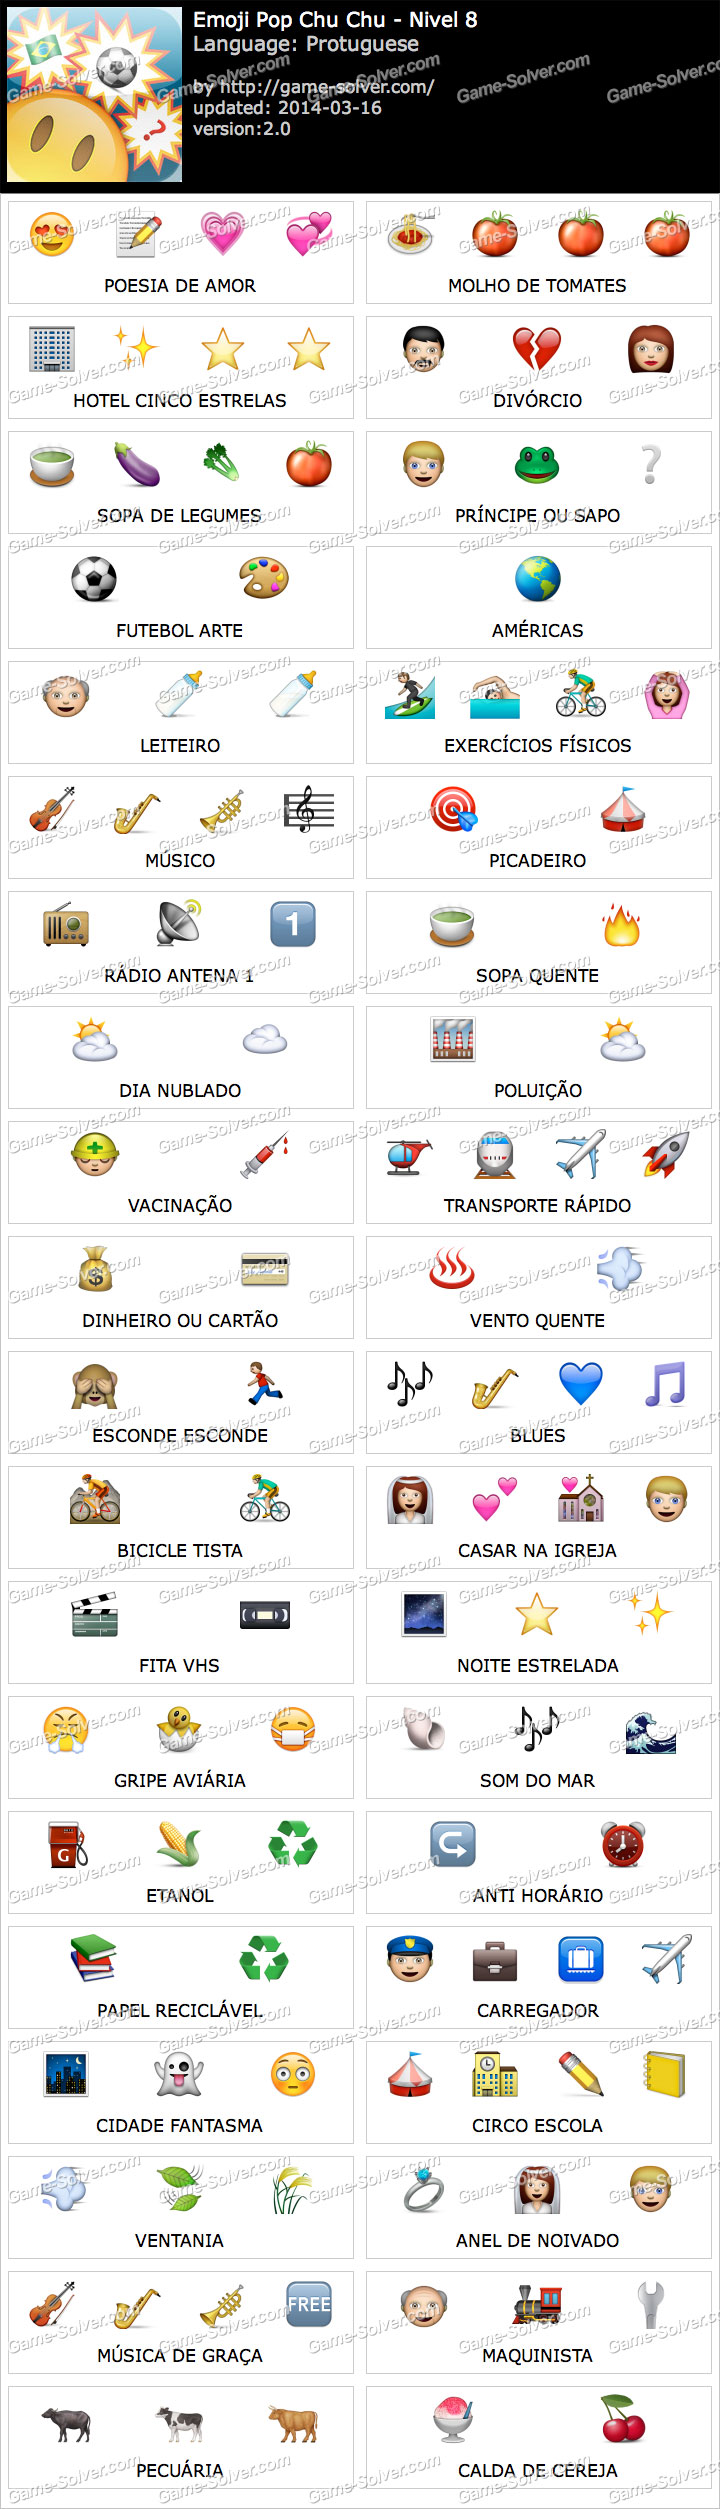 Emoji ChuChu Nivel 8